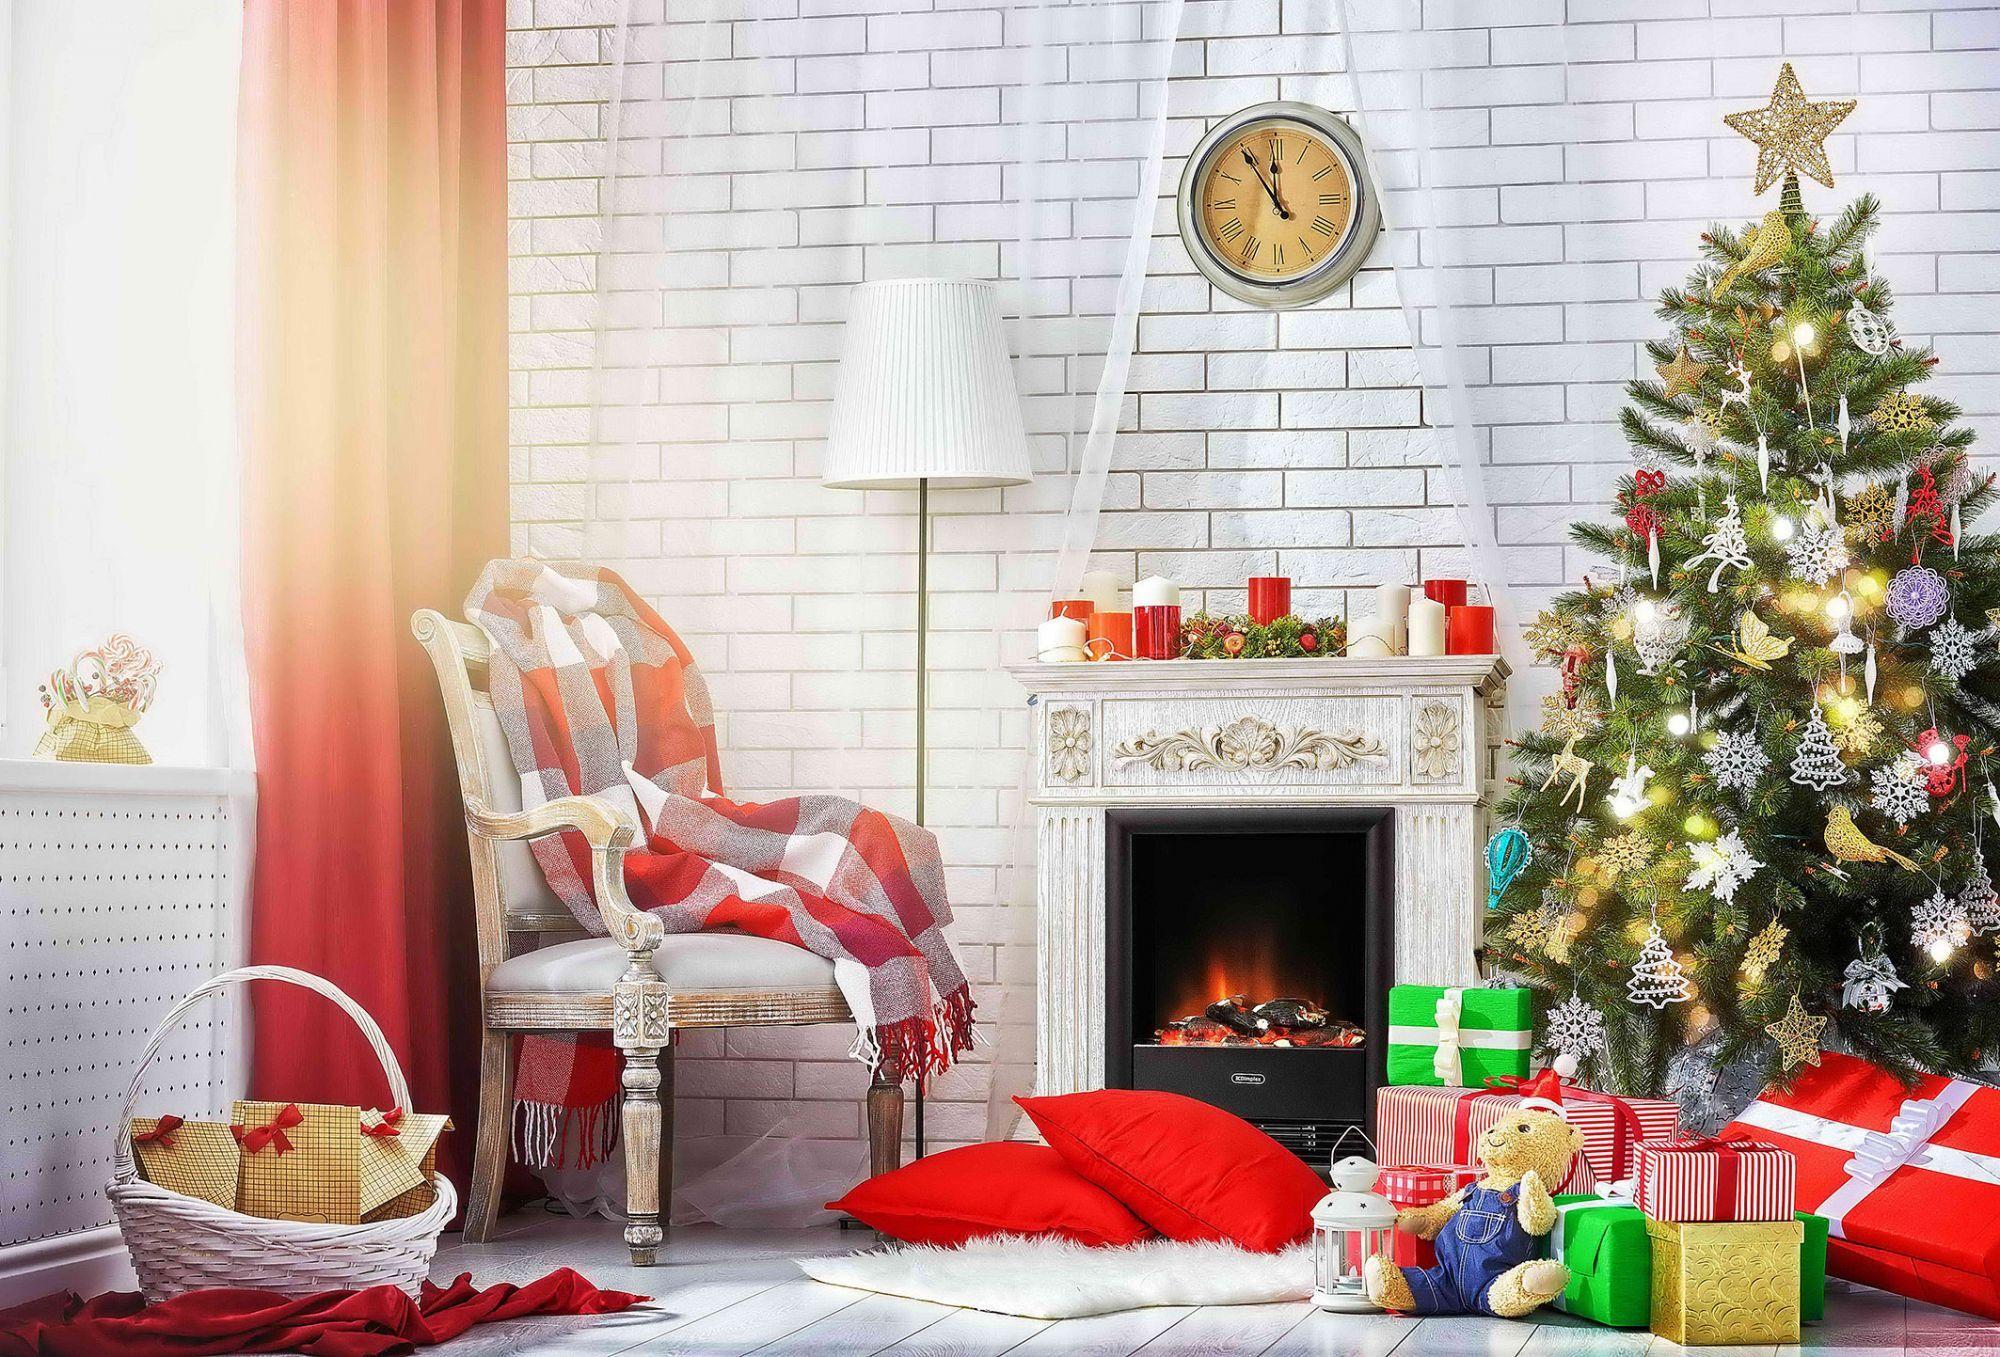 Основные атрибуты фотозоны на новый год